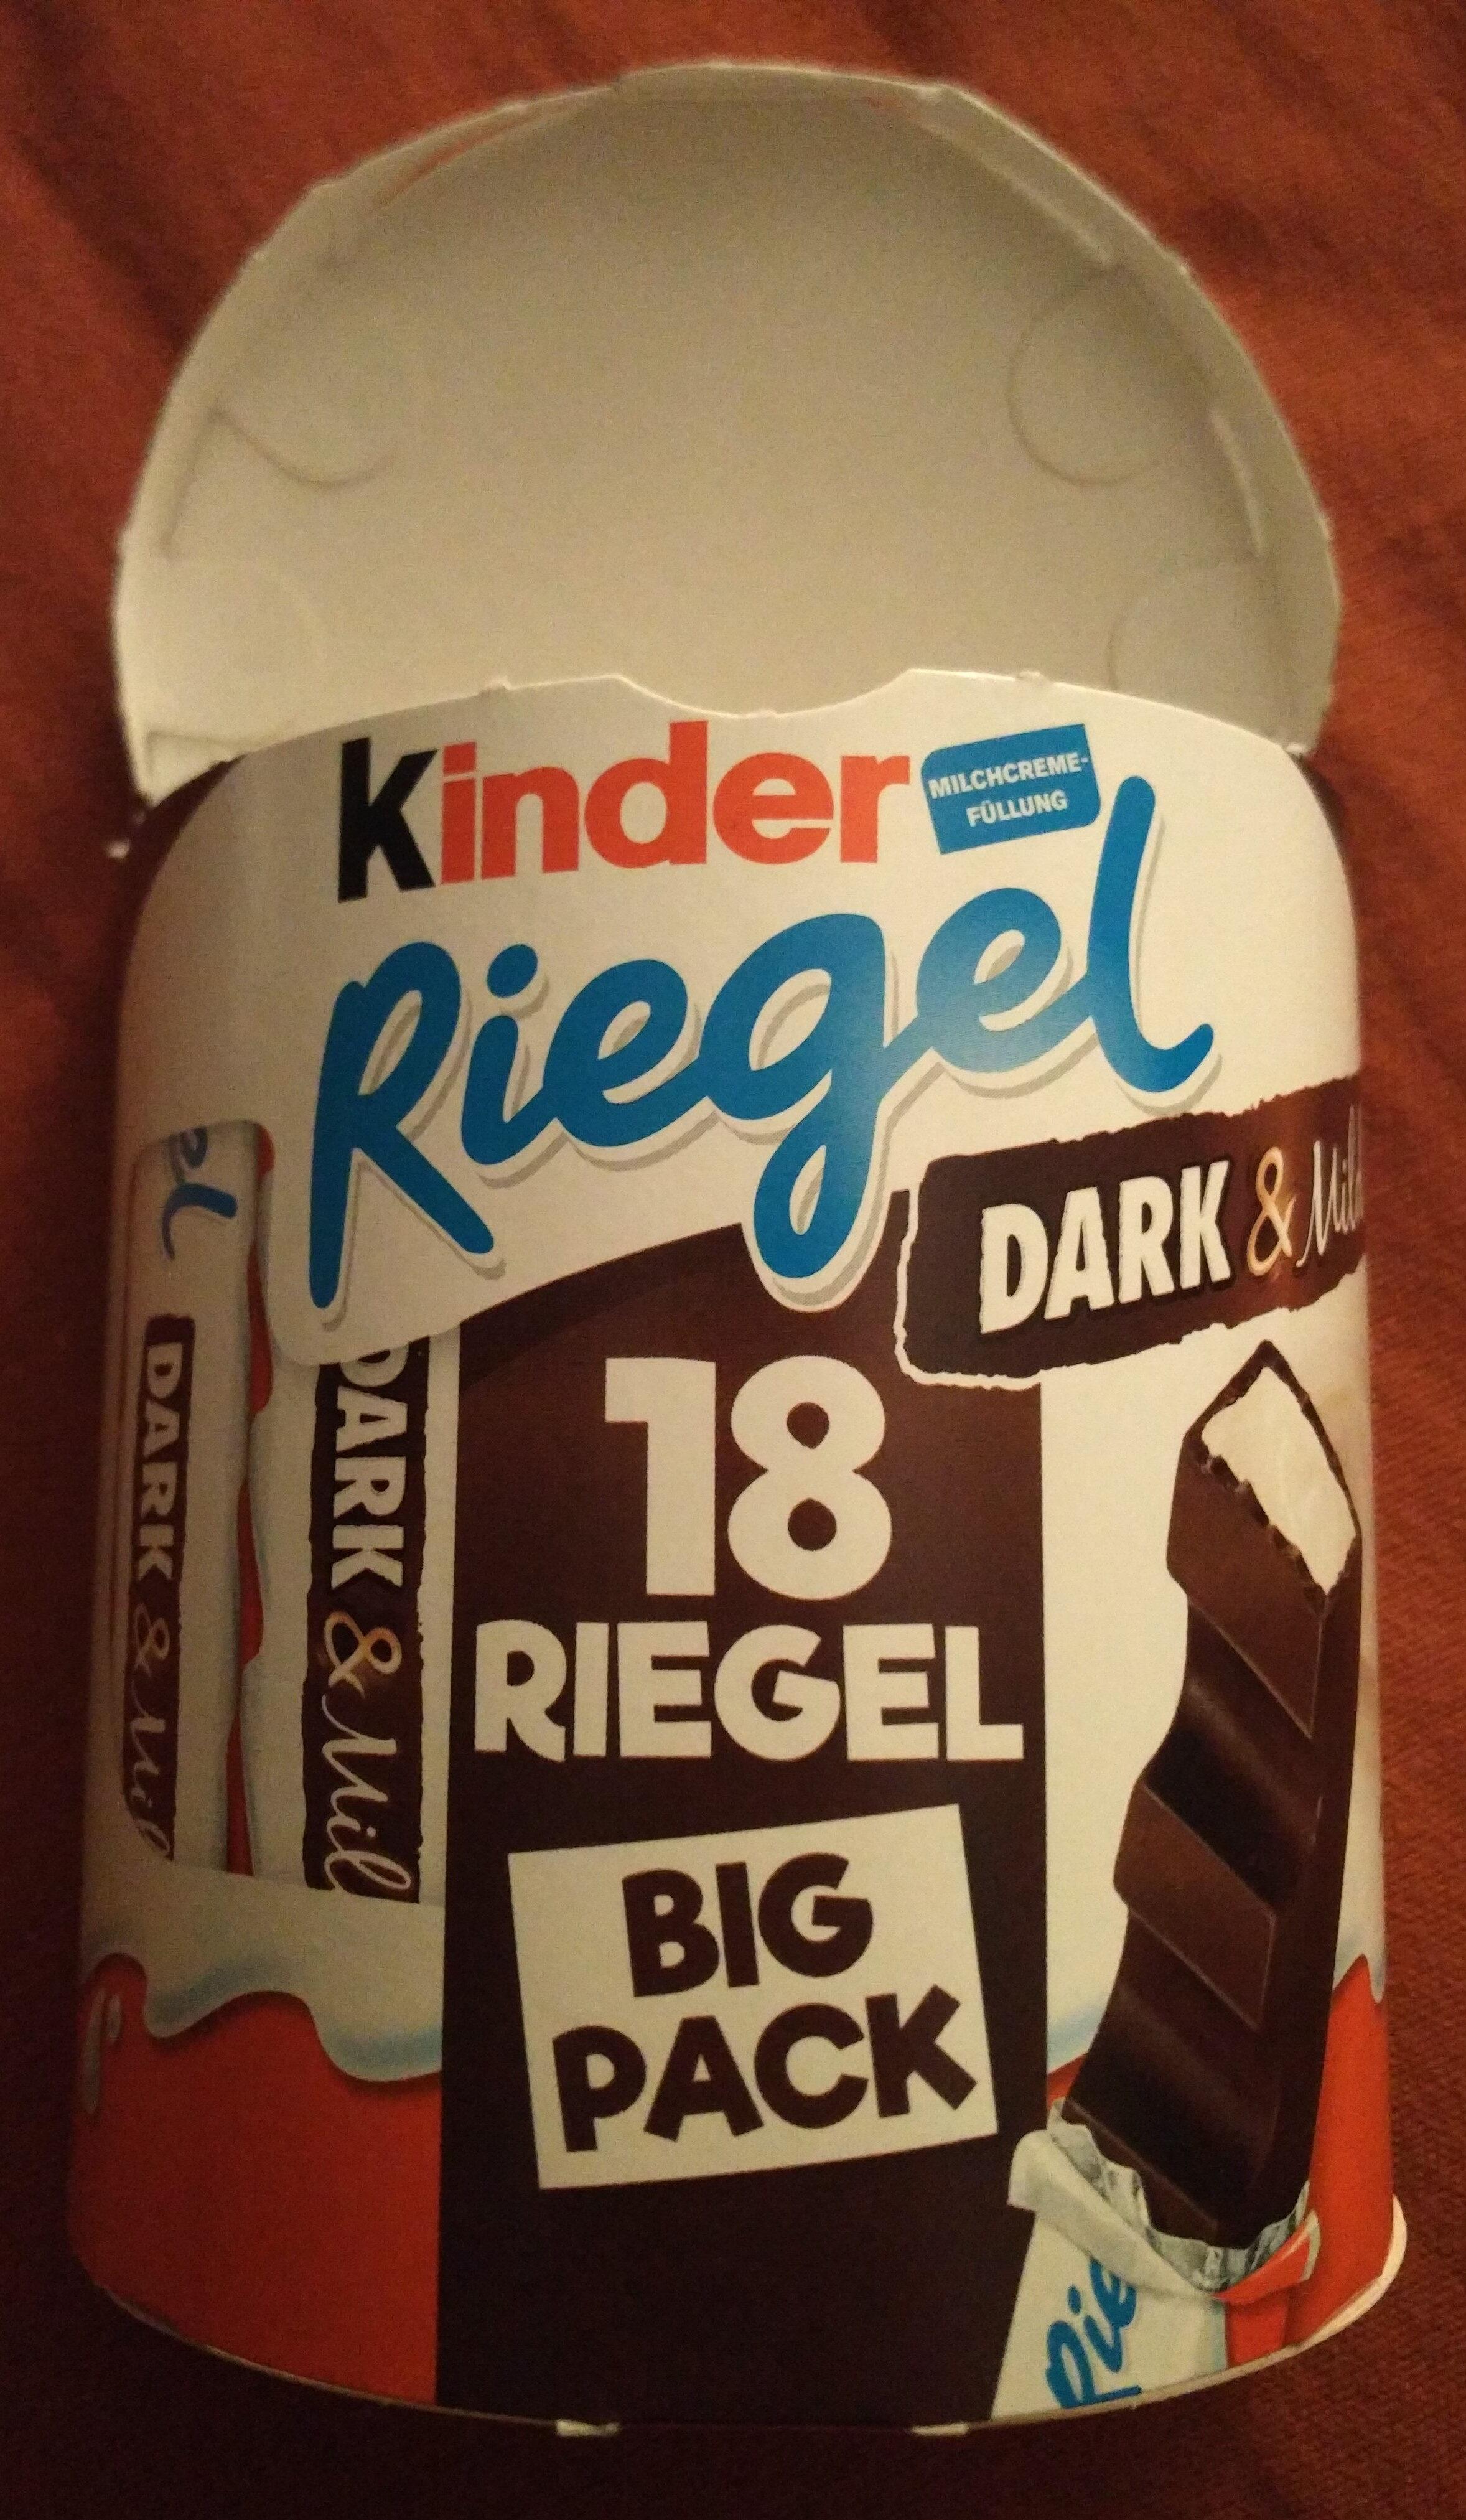 Kinder Riegel Dark & Mild (Big Pack) - Produkt - de